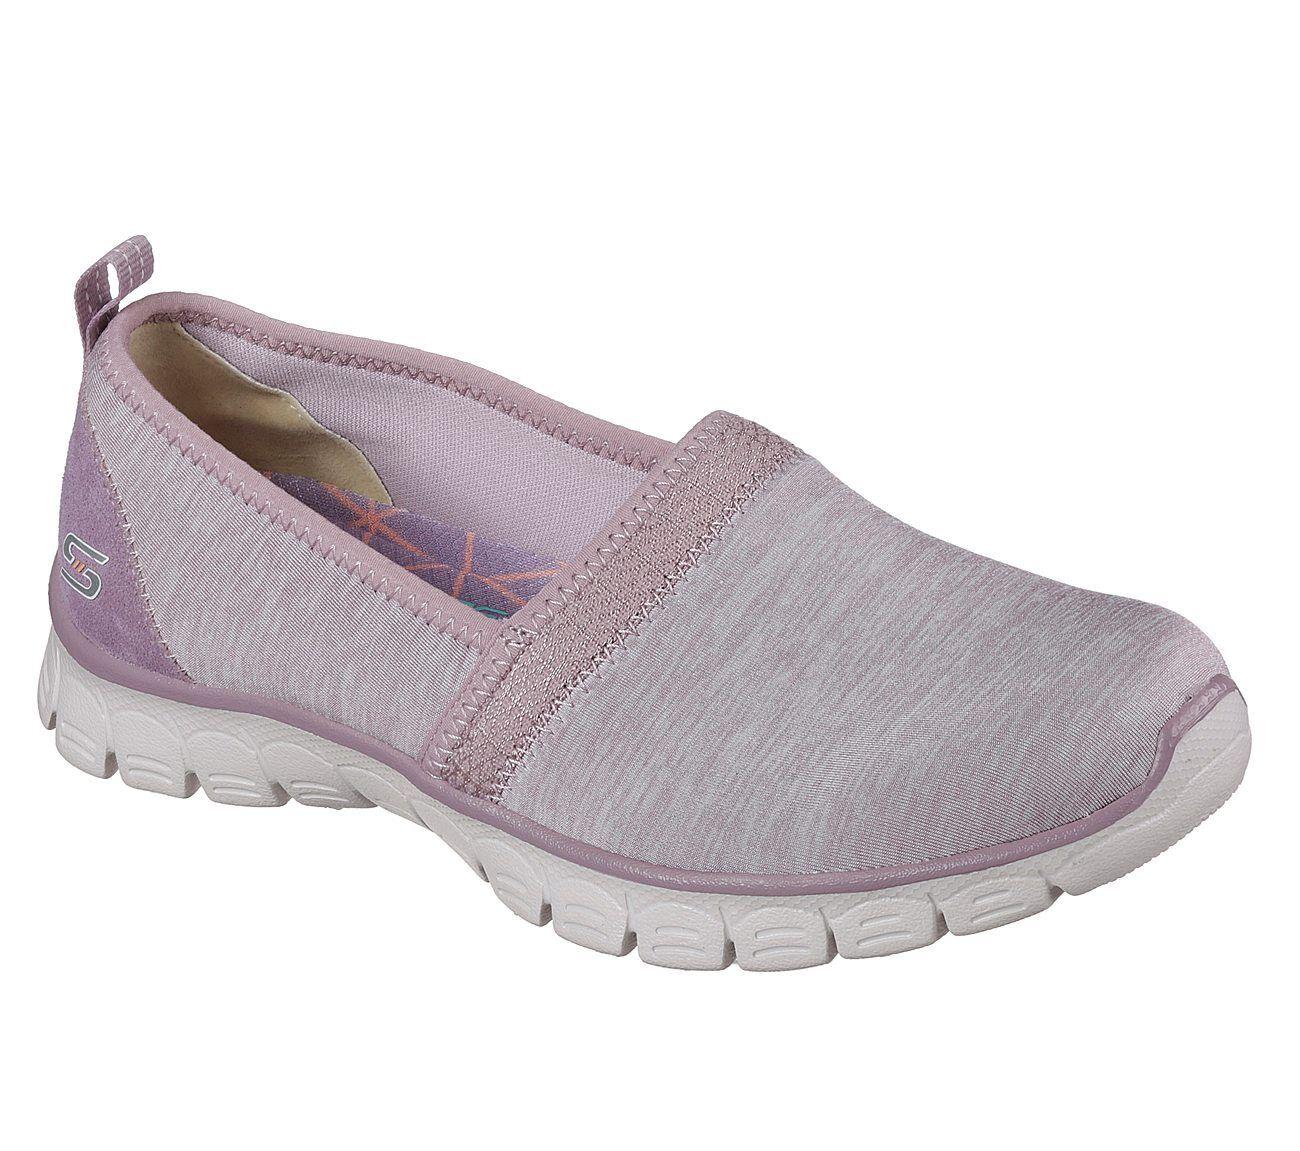 23436 Purple Skechers shoes Memory Foam Women Comfort Casual Slip On Sporty Mesh